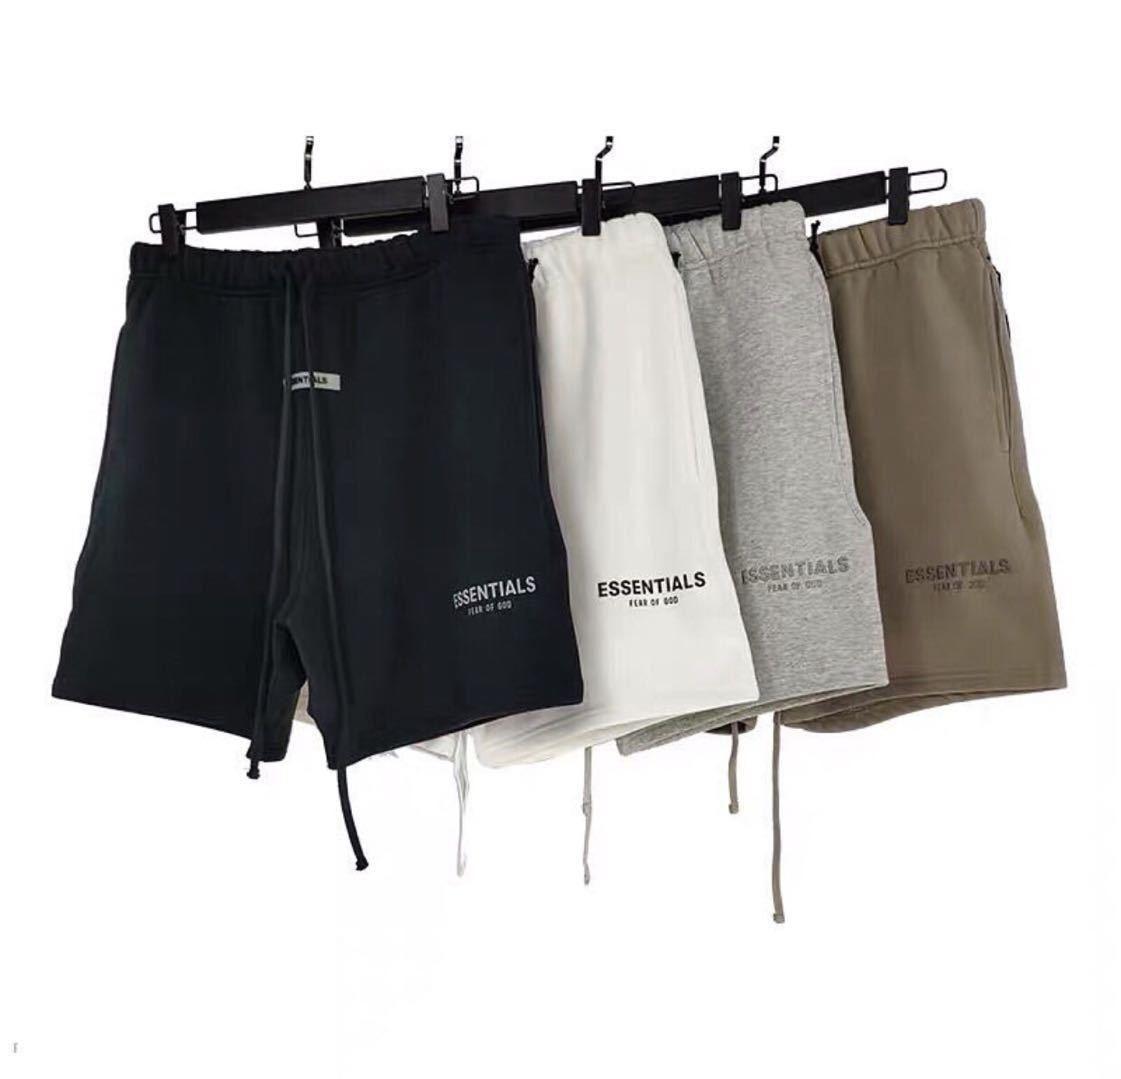 desenhador mens corredores calças homens calças dos homens corredores vestir calças corredor correram a nova listagem de outono atacado estilo moderno charme B00C